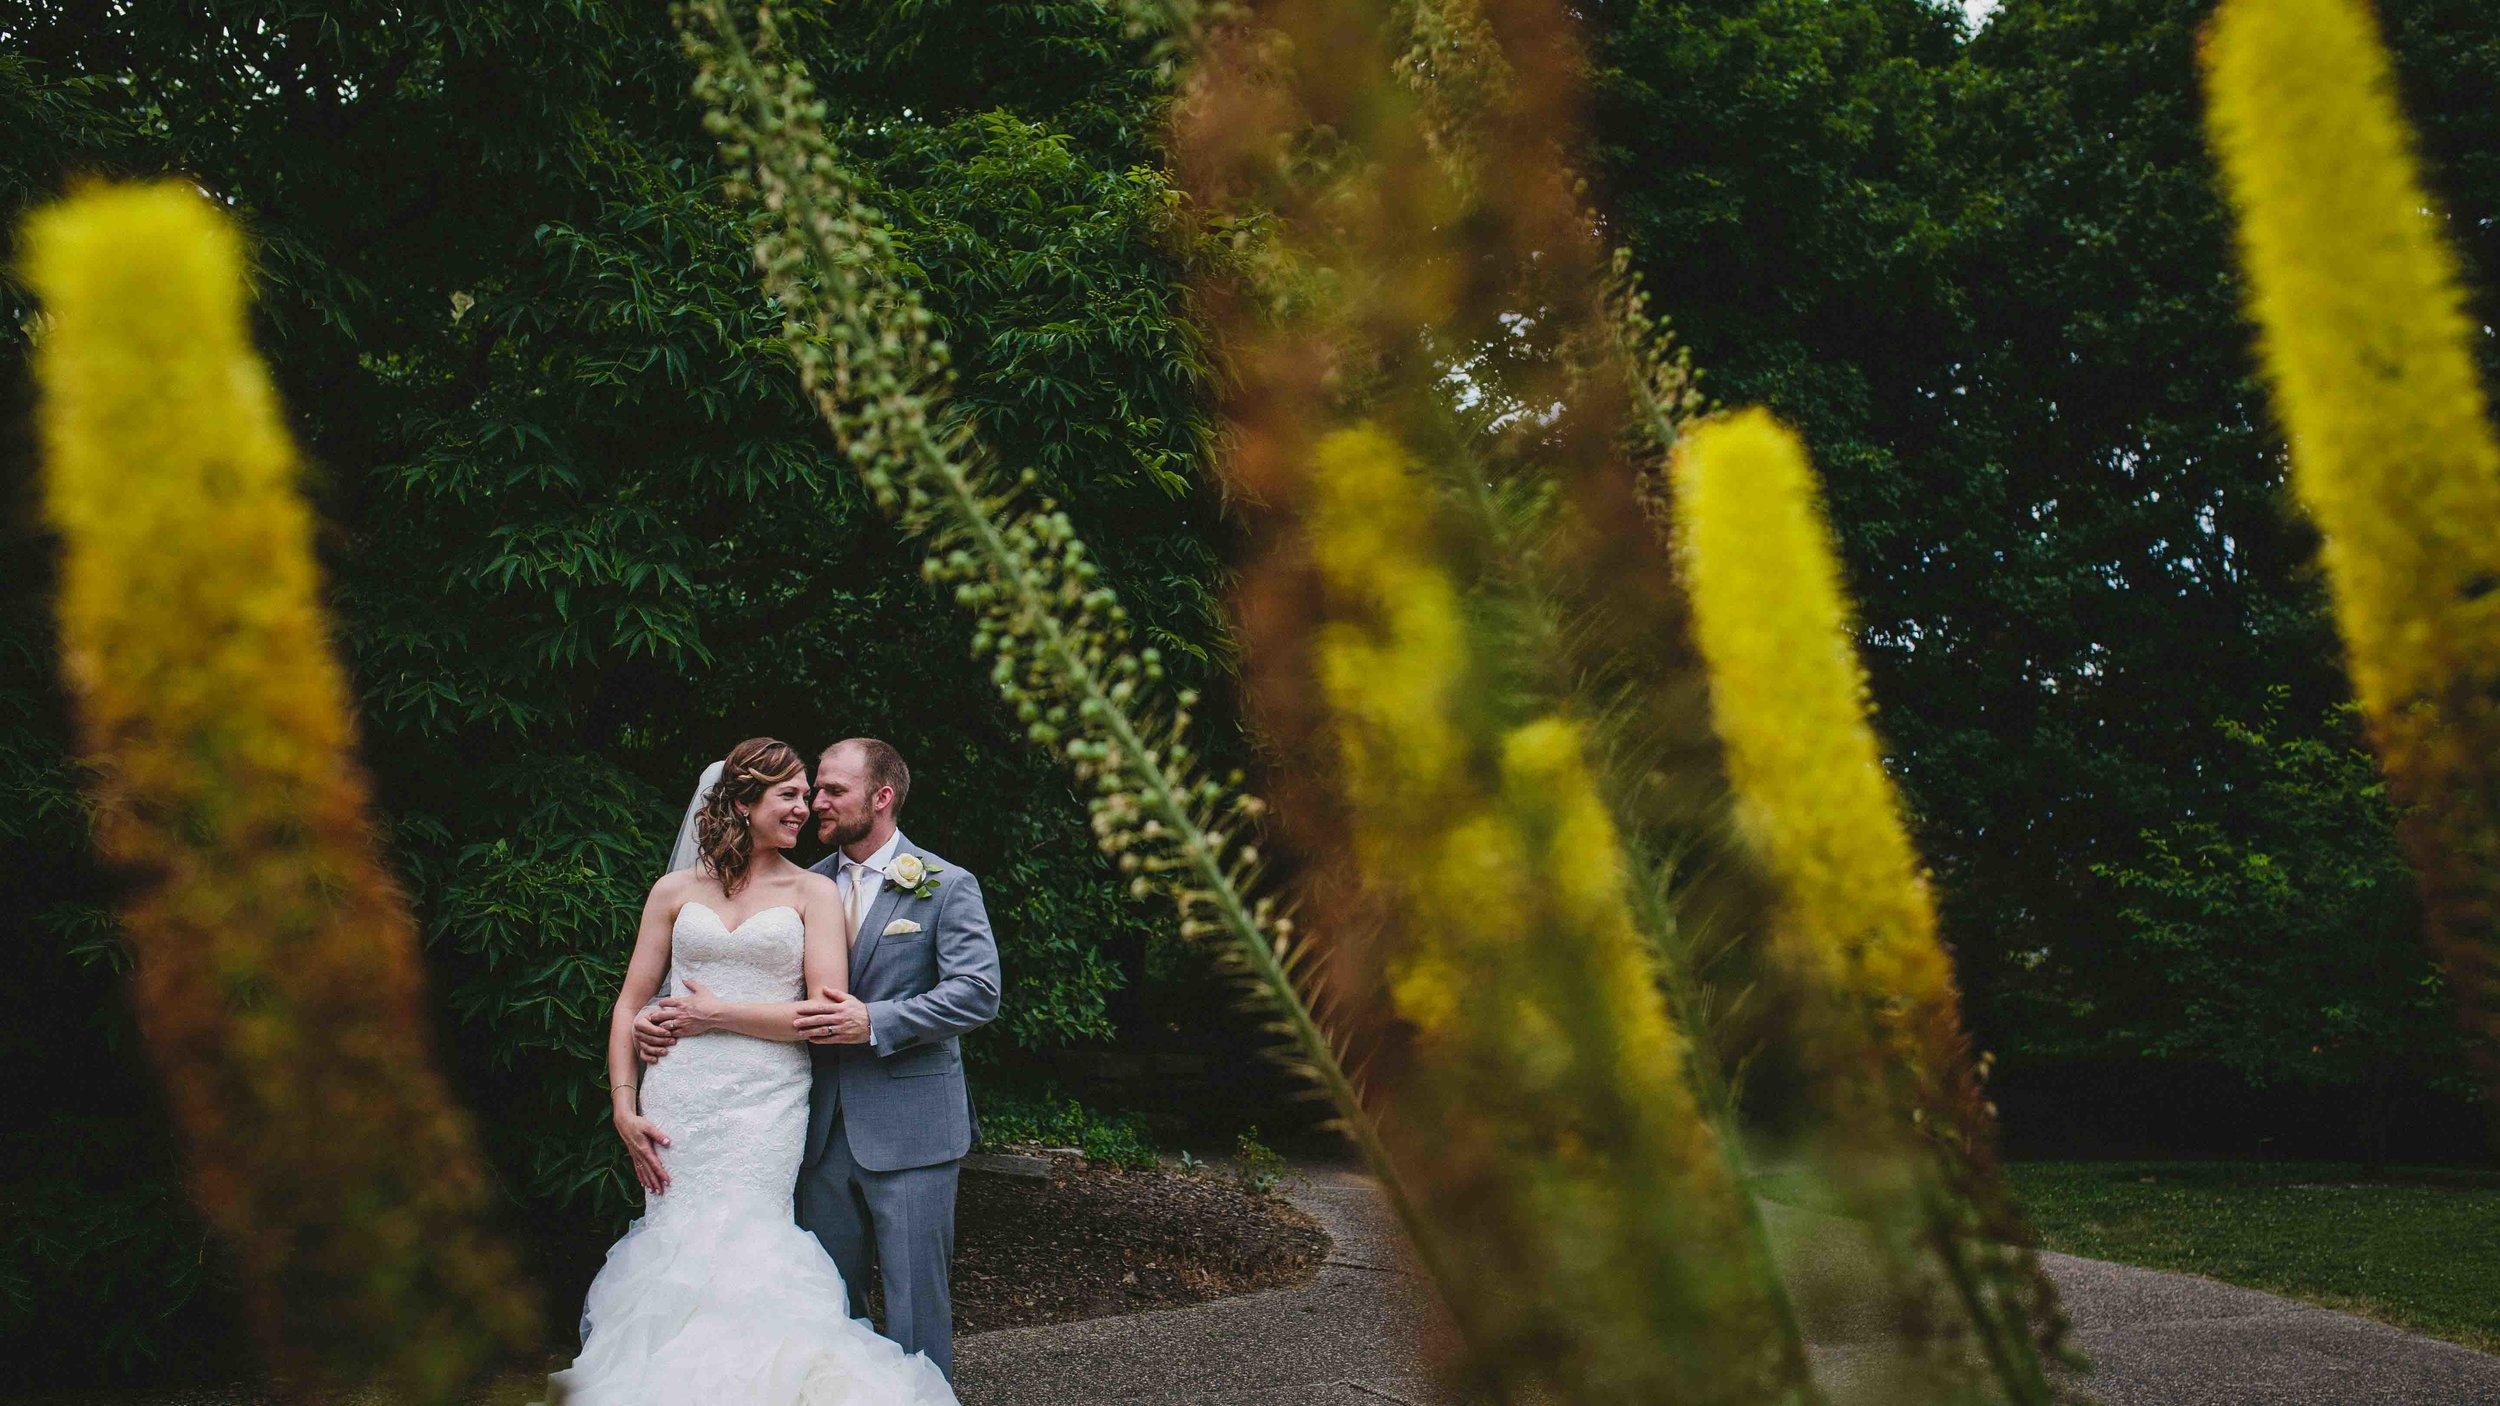 Tiffany + Zach - married!